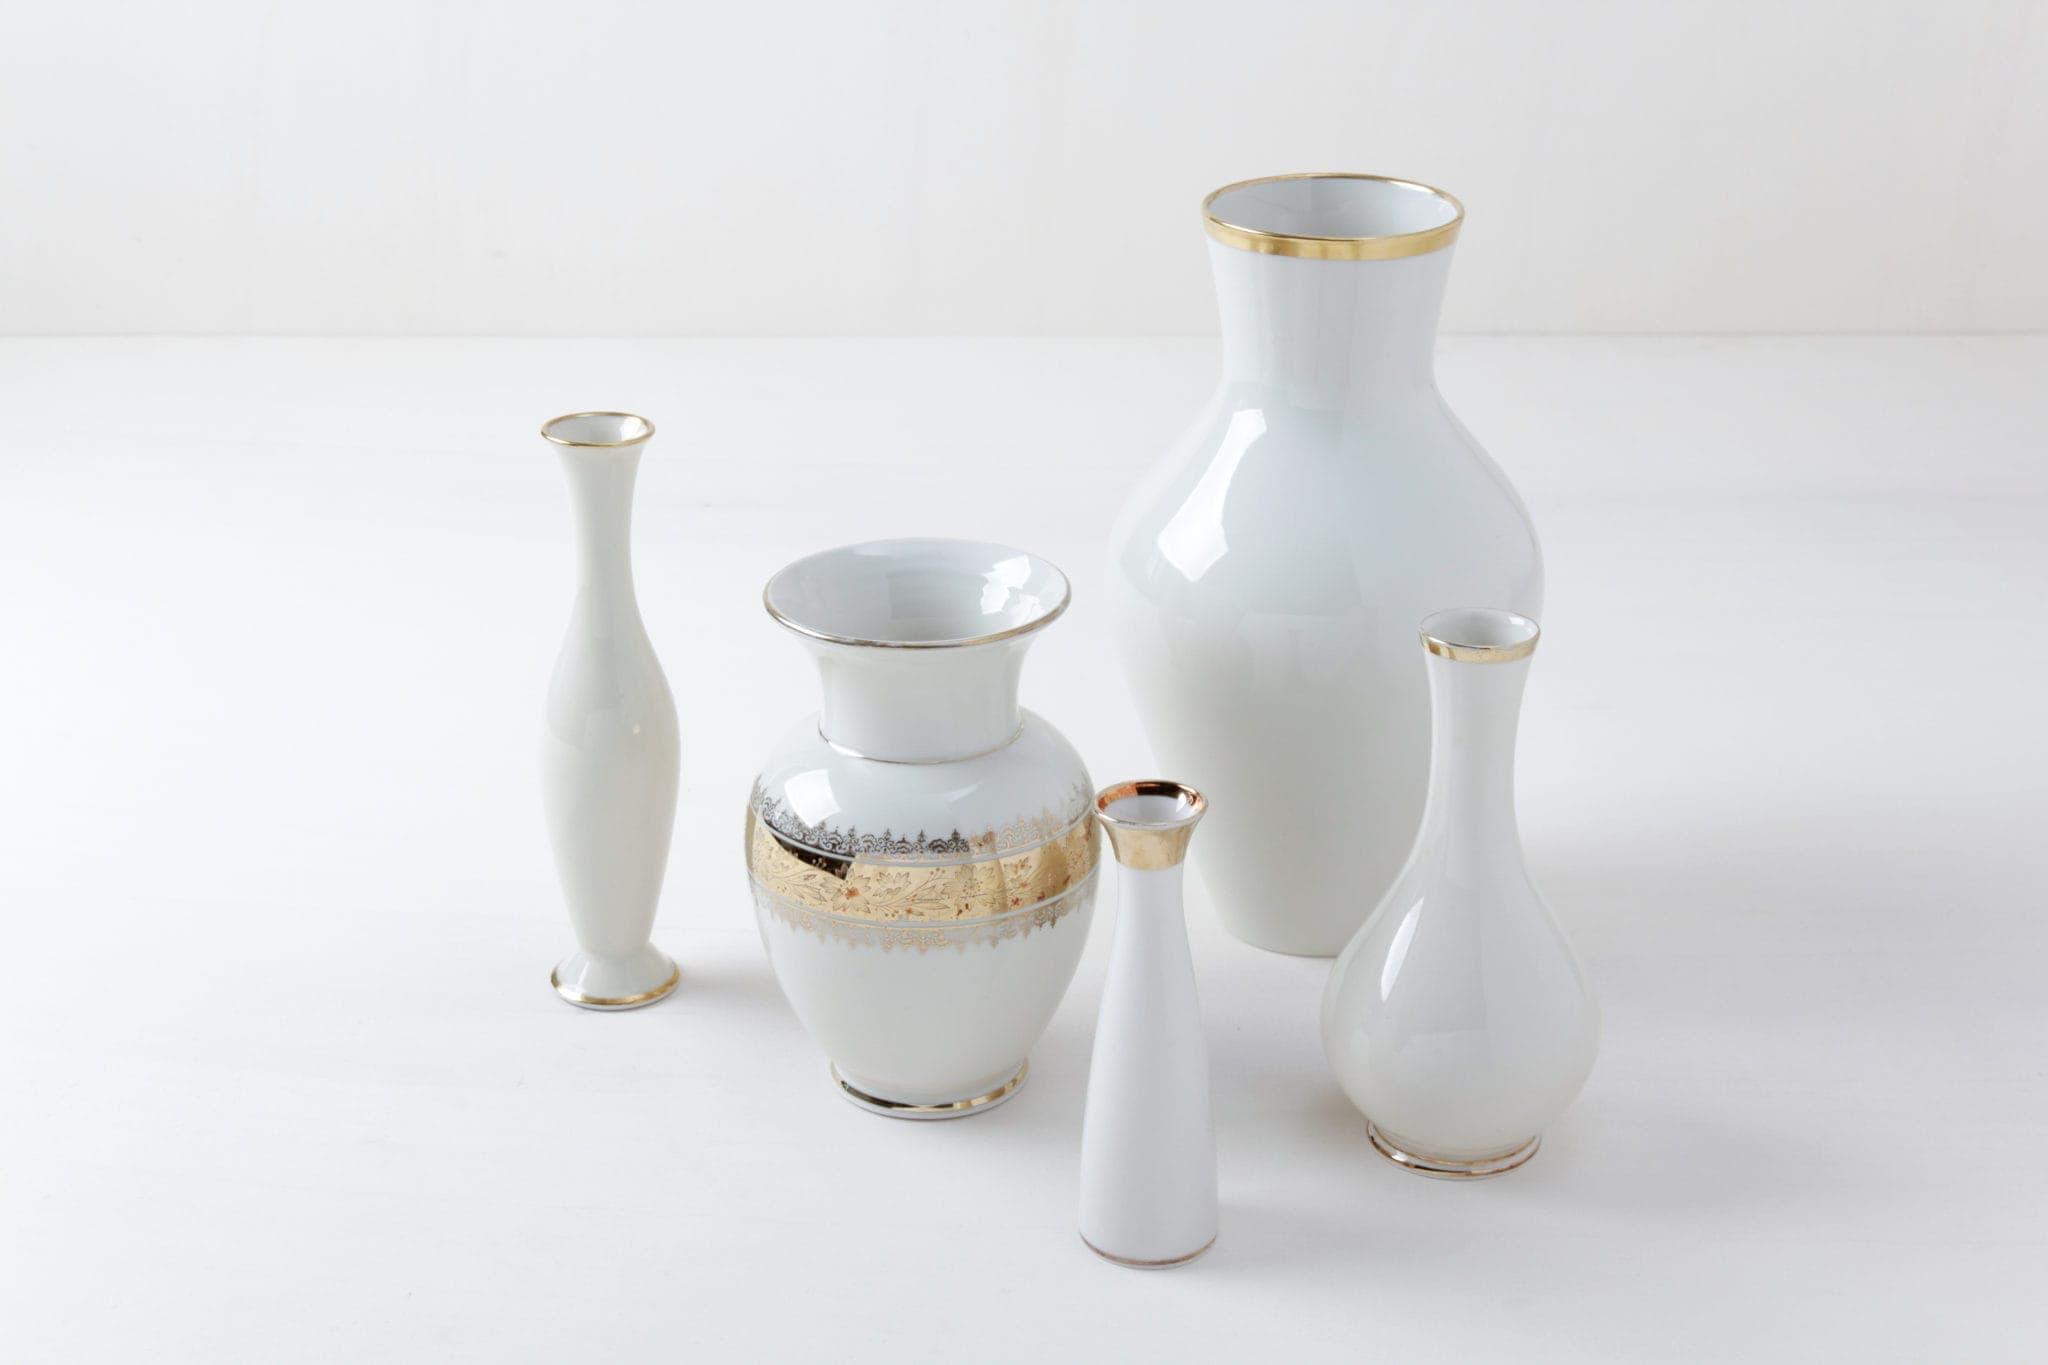 Vases Camila Gold Mismatching | Mismatching vases with golden details. | gotvintage Rental & Event Design